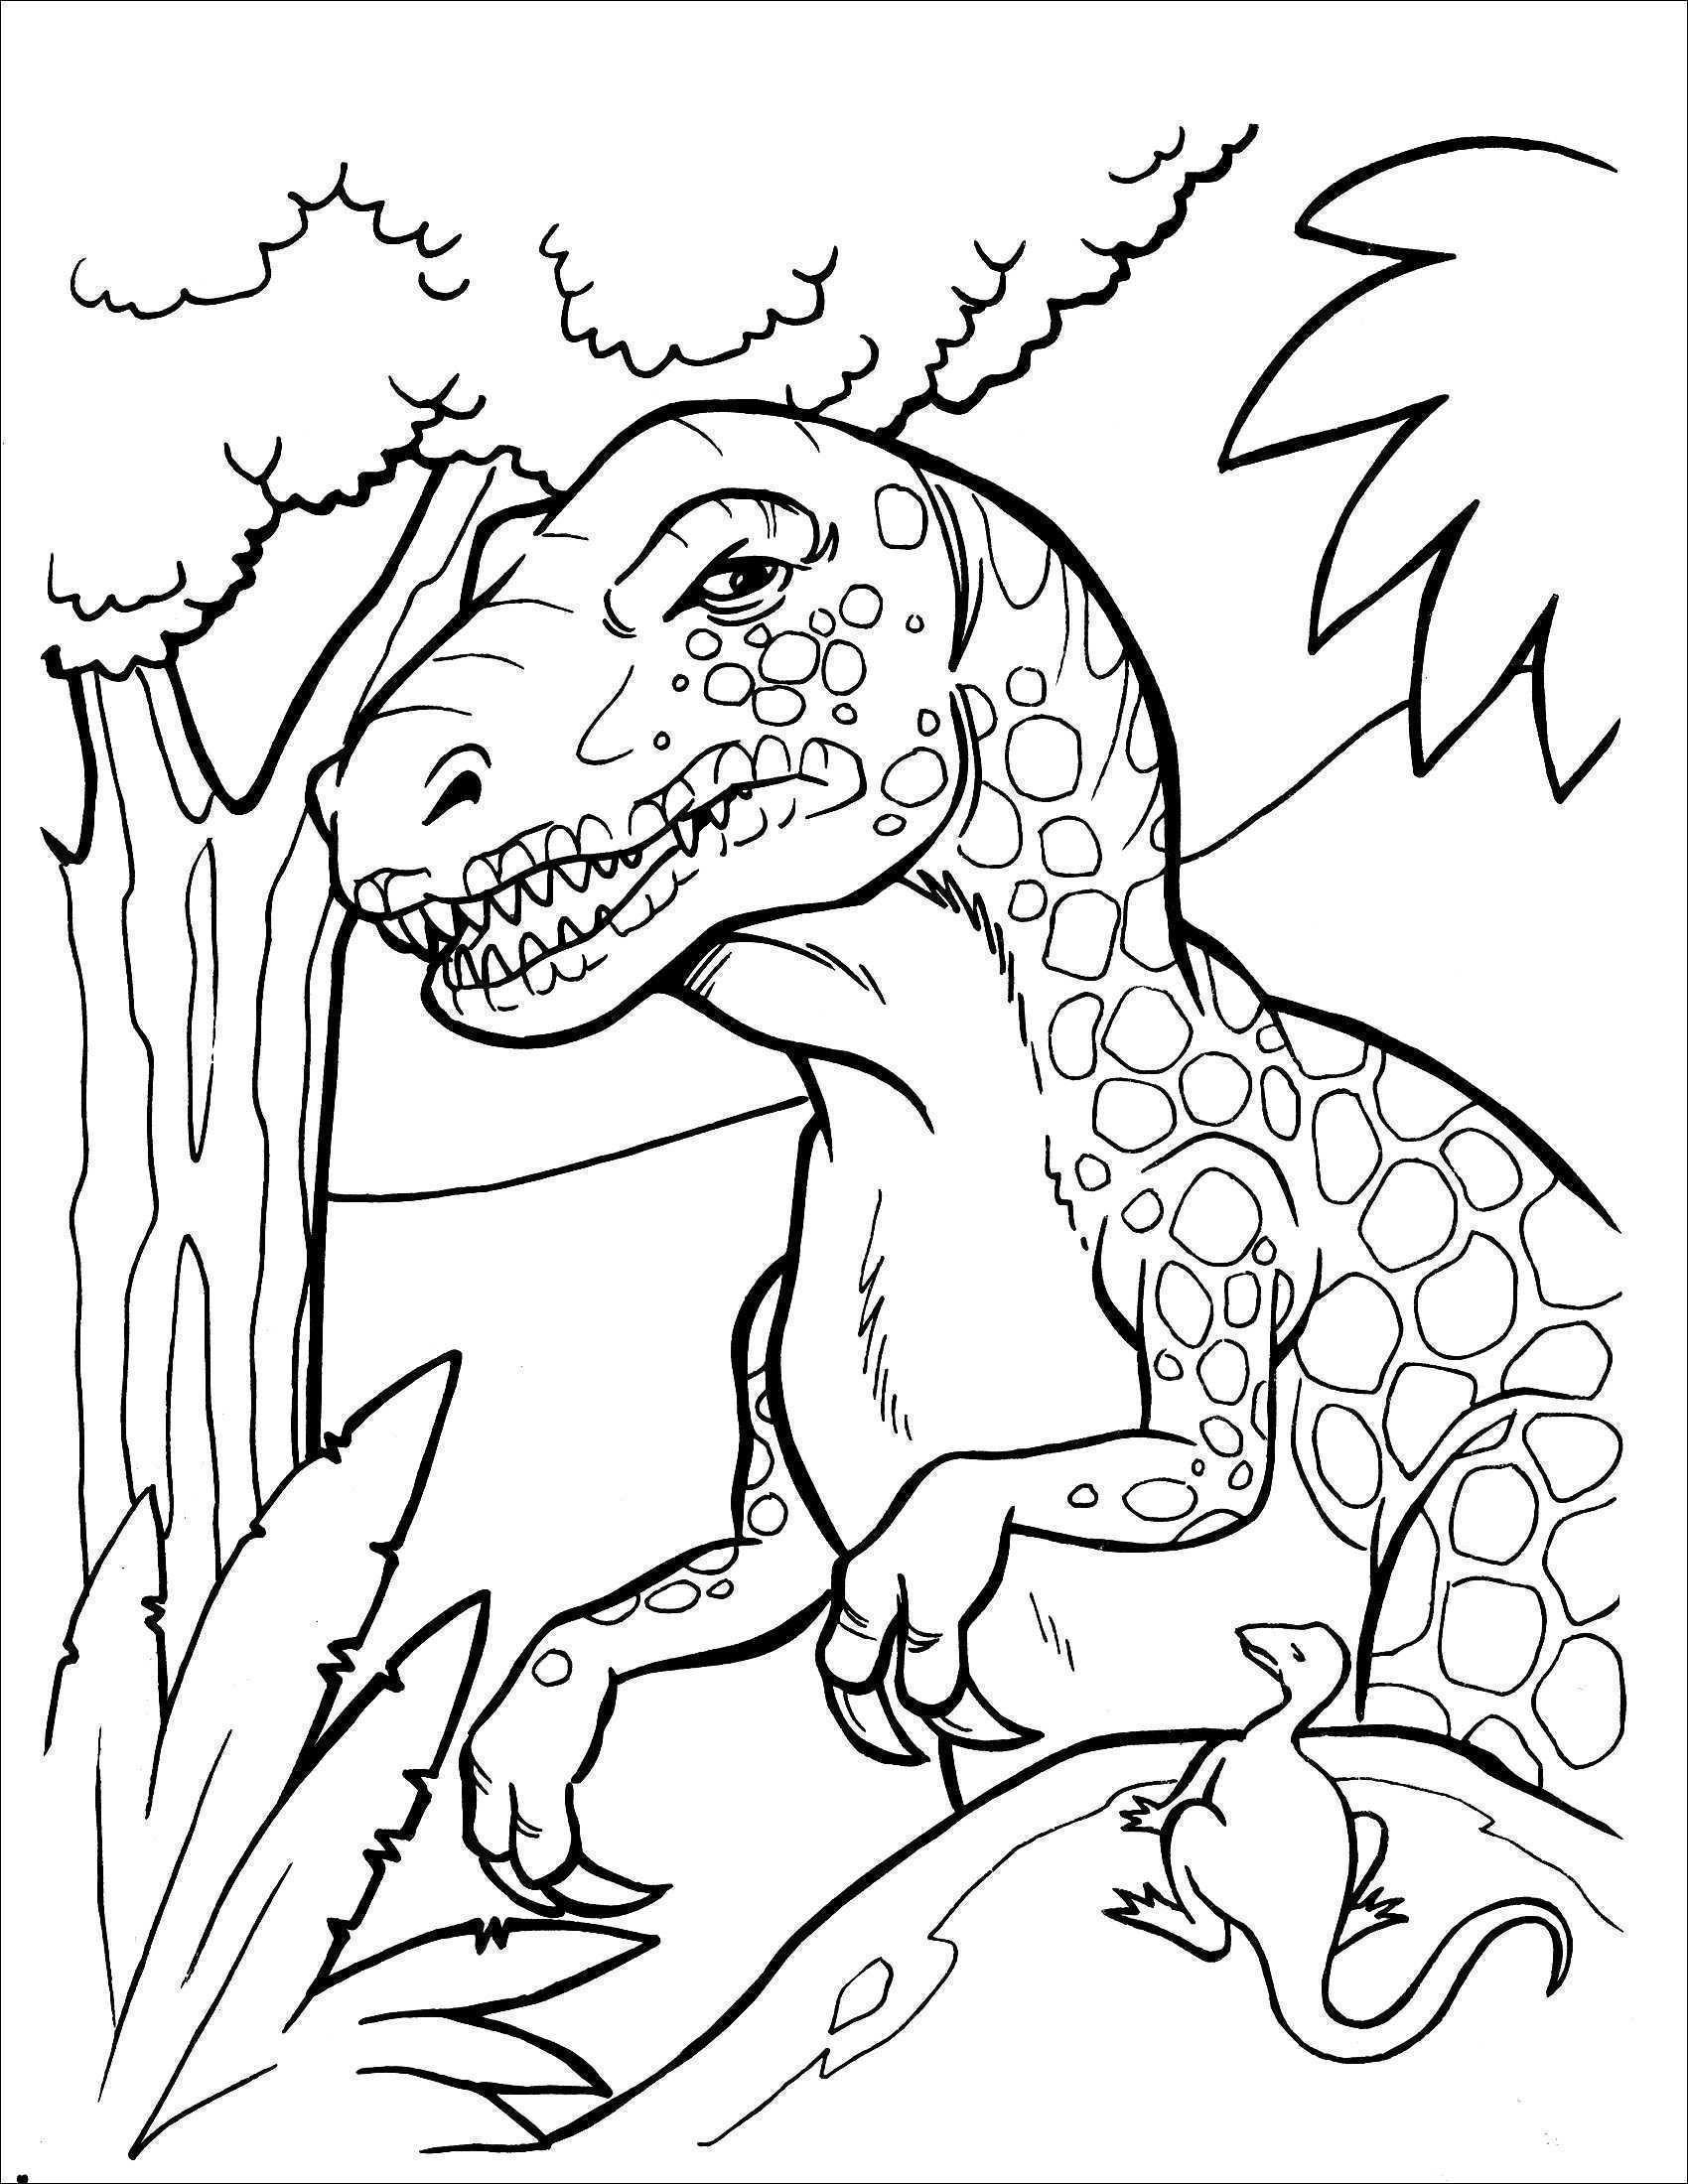 Ausmalbilder Dinosaurier Rex Frisch Ausmalbilder T Rex Bildnis 40 Ausmalbilder Dinosaurier Rex Fotos